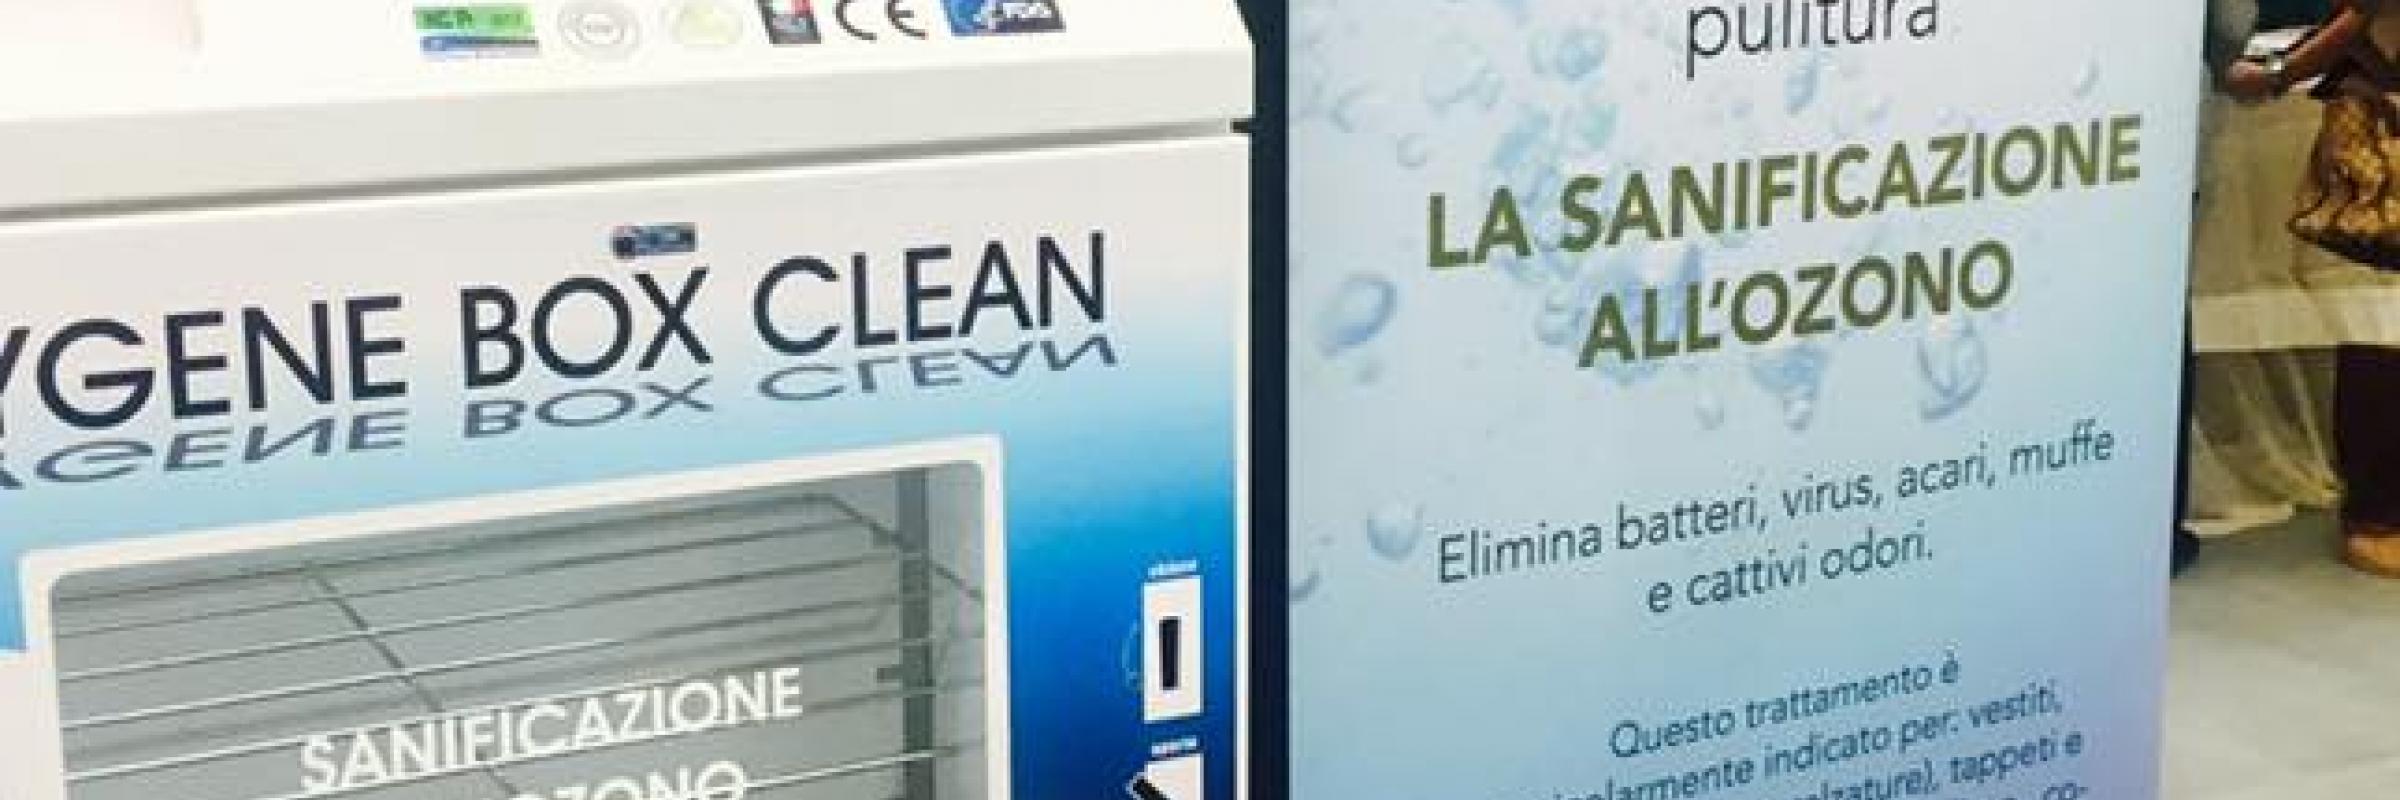 nuova frontiera ozono sanificazione laboratorio lidia